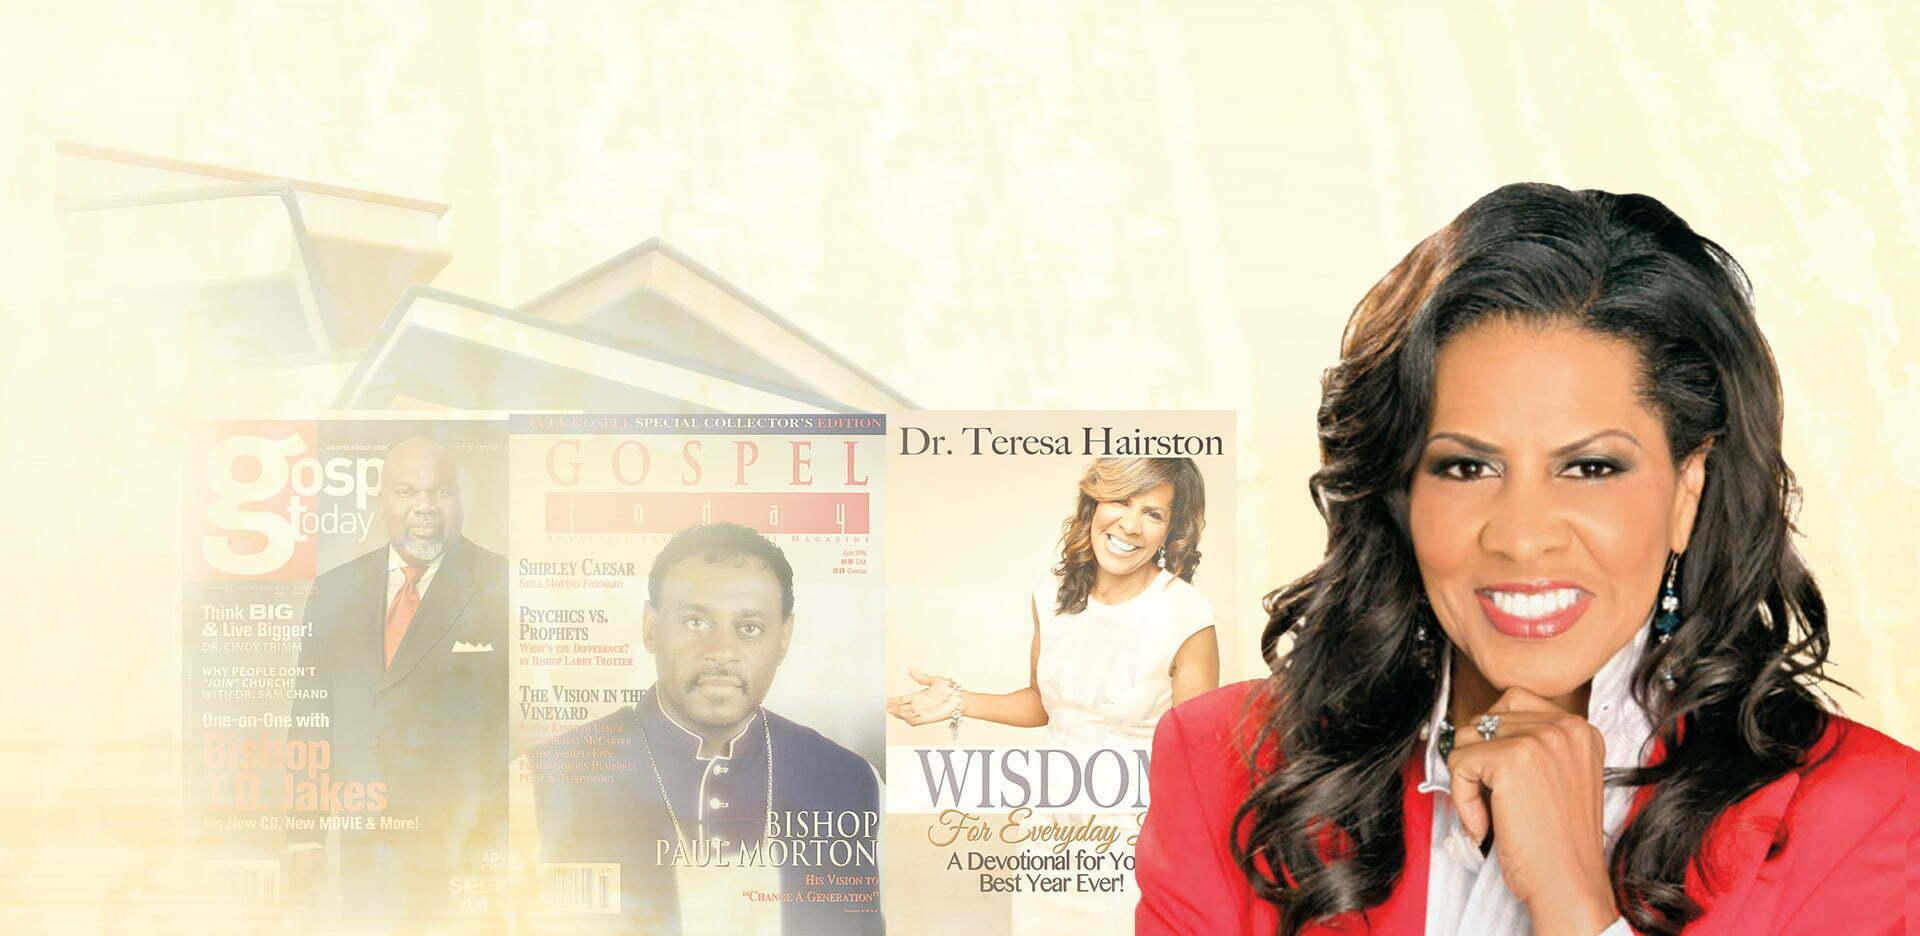 Dr. Teresa Hairston